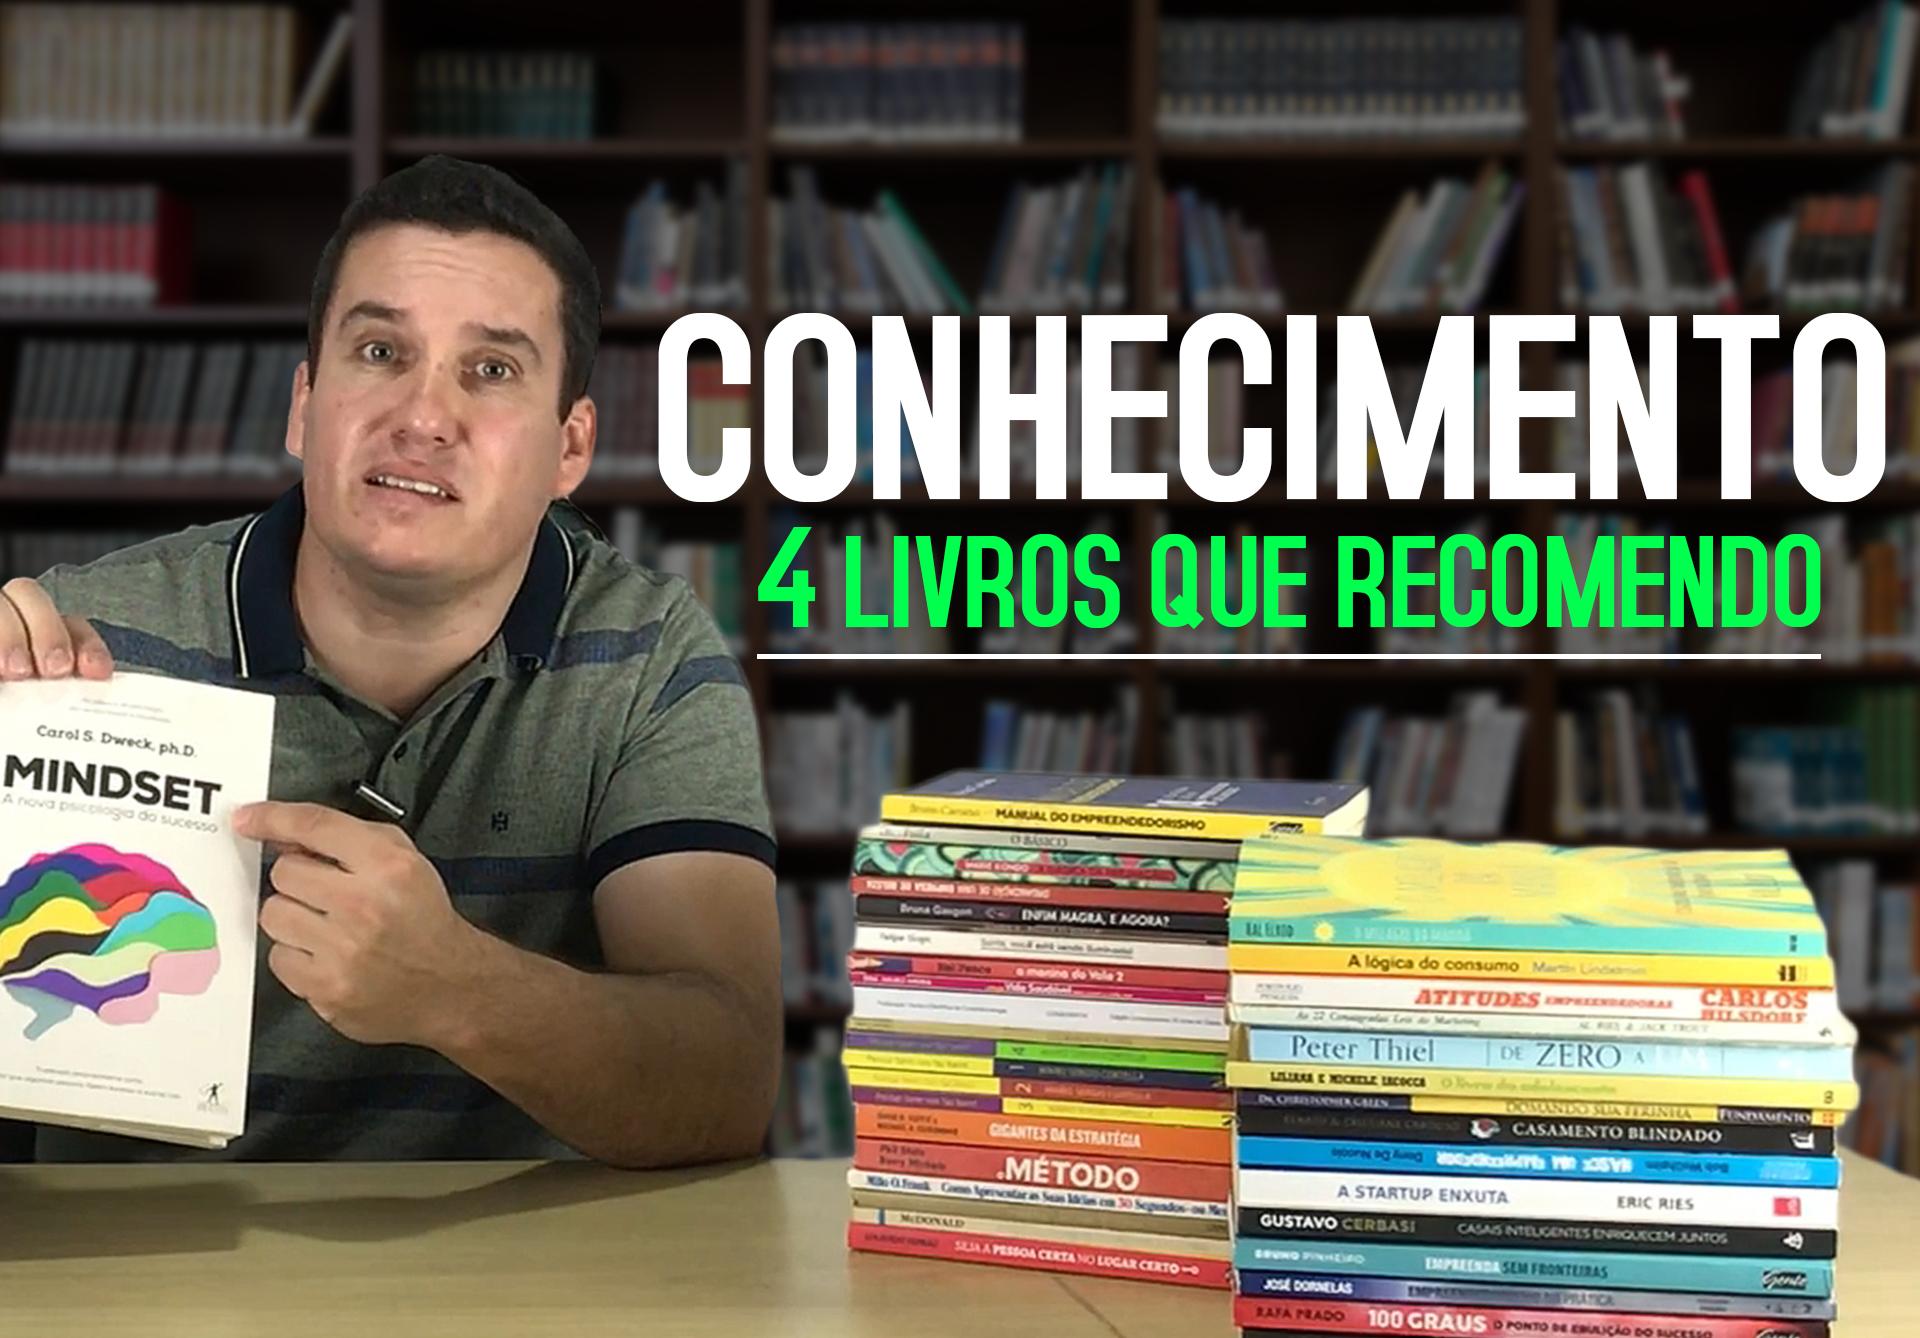 OS 4 LIVROS QUE TODO EMPREENDEDOR PRECISA CONHECER!